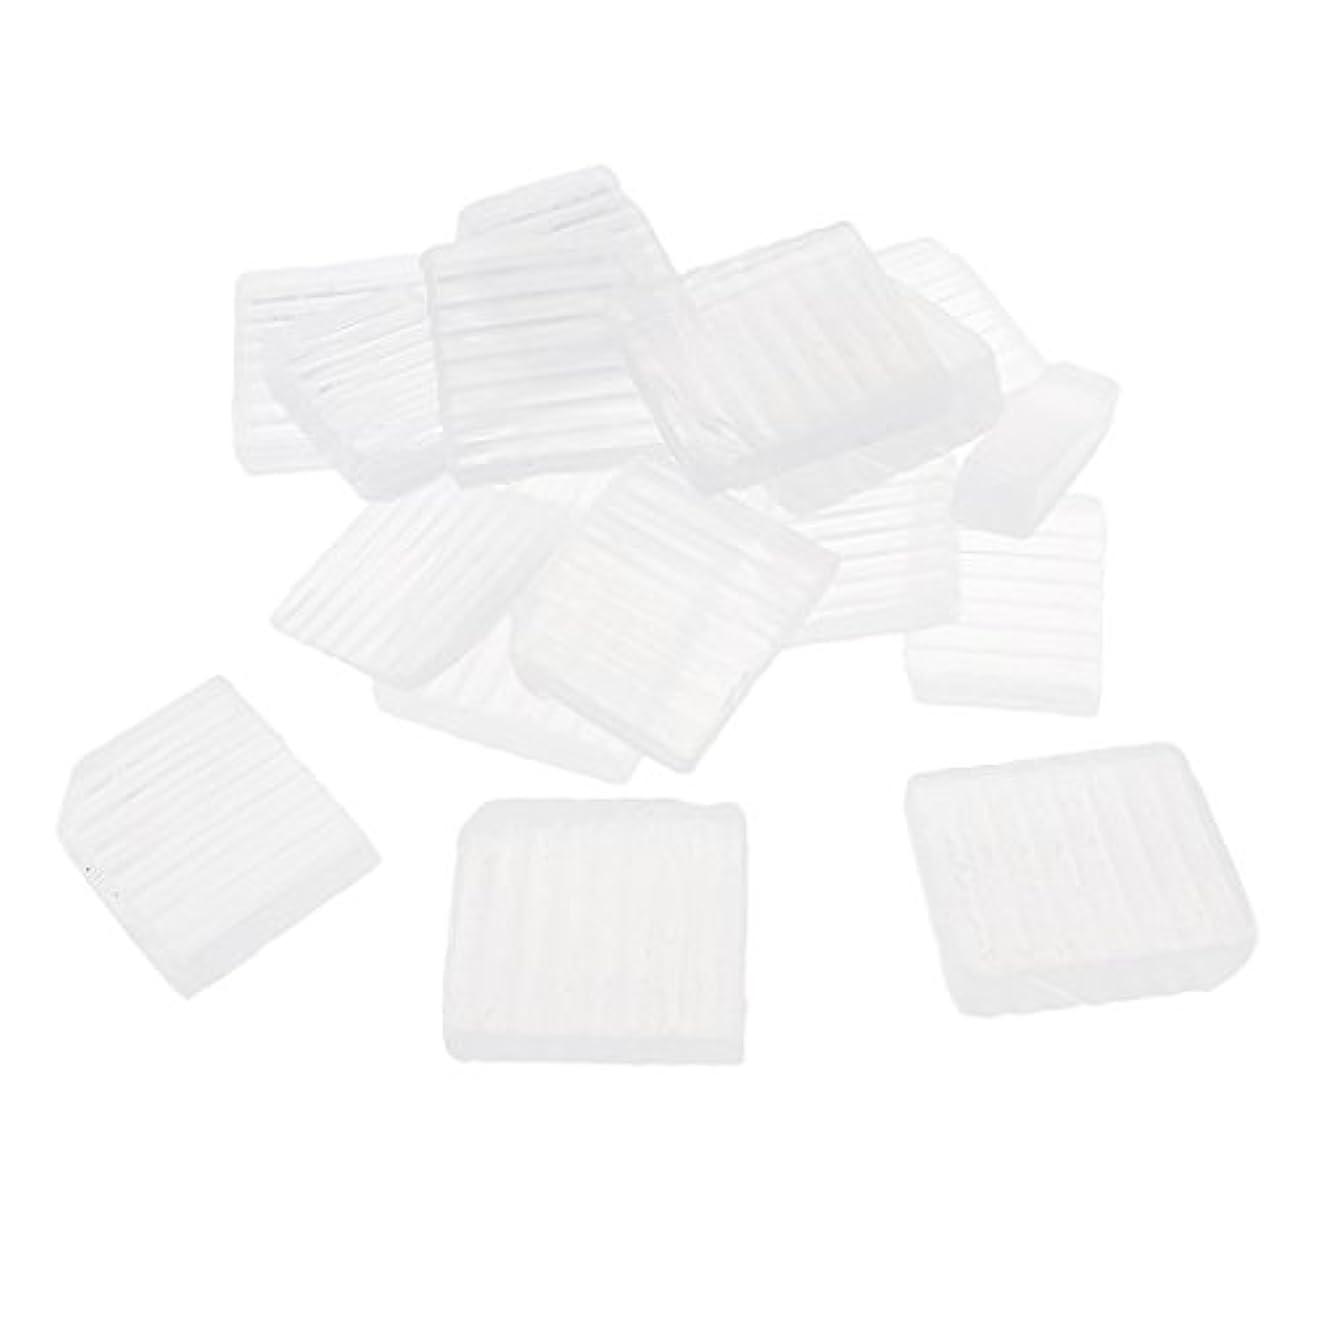 礼拝スーツ挑むP Prettyia 透明 石鹸ベース DIY 手作り 石鹸 材料 約1 KG DIYギフト